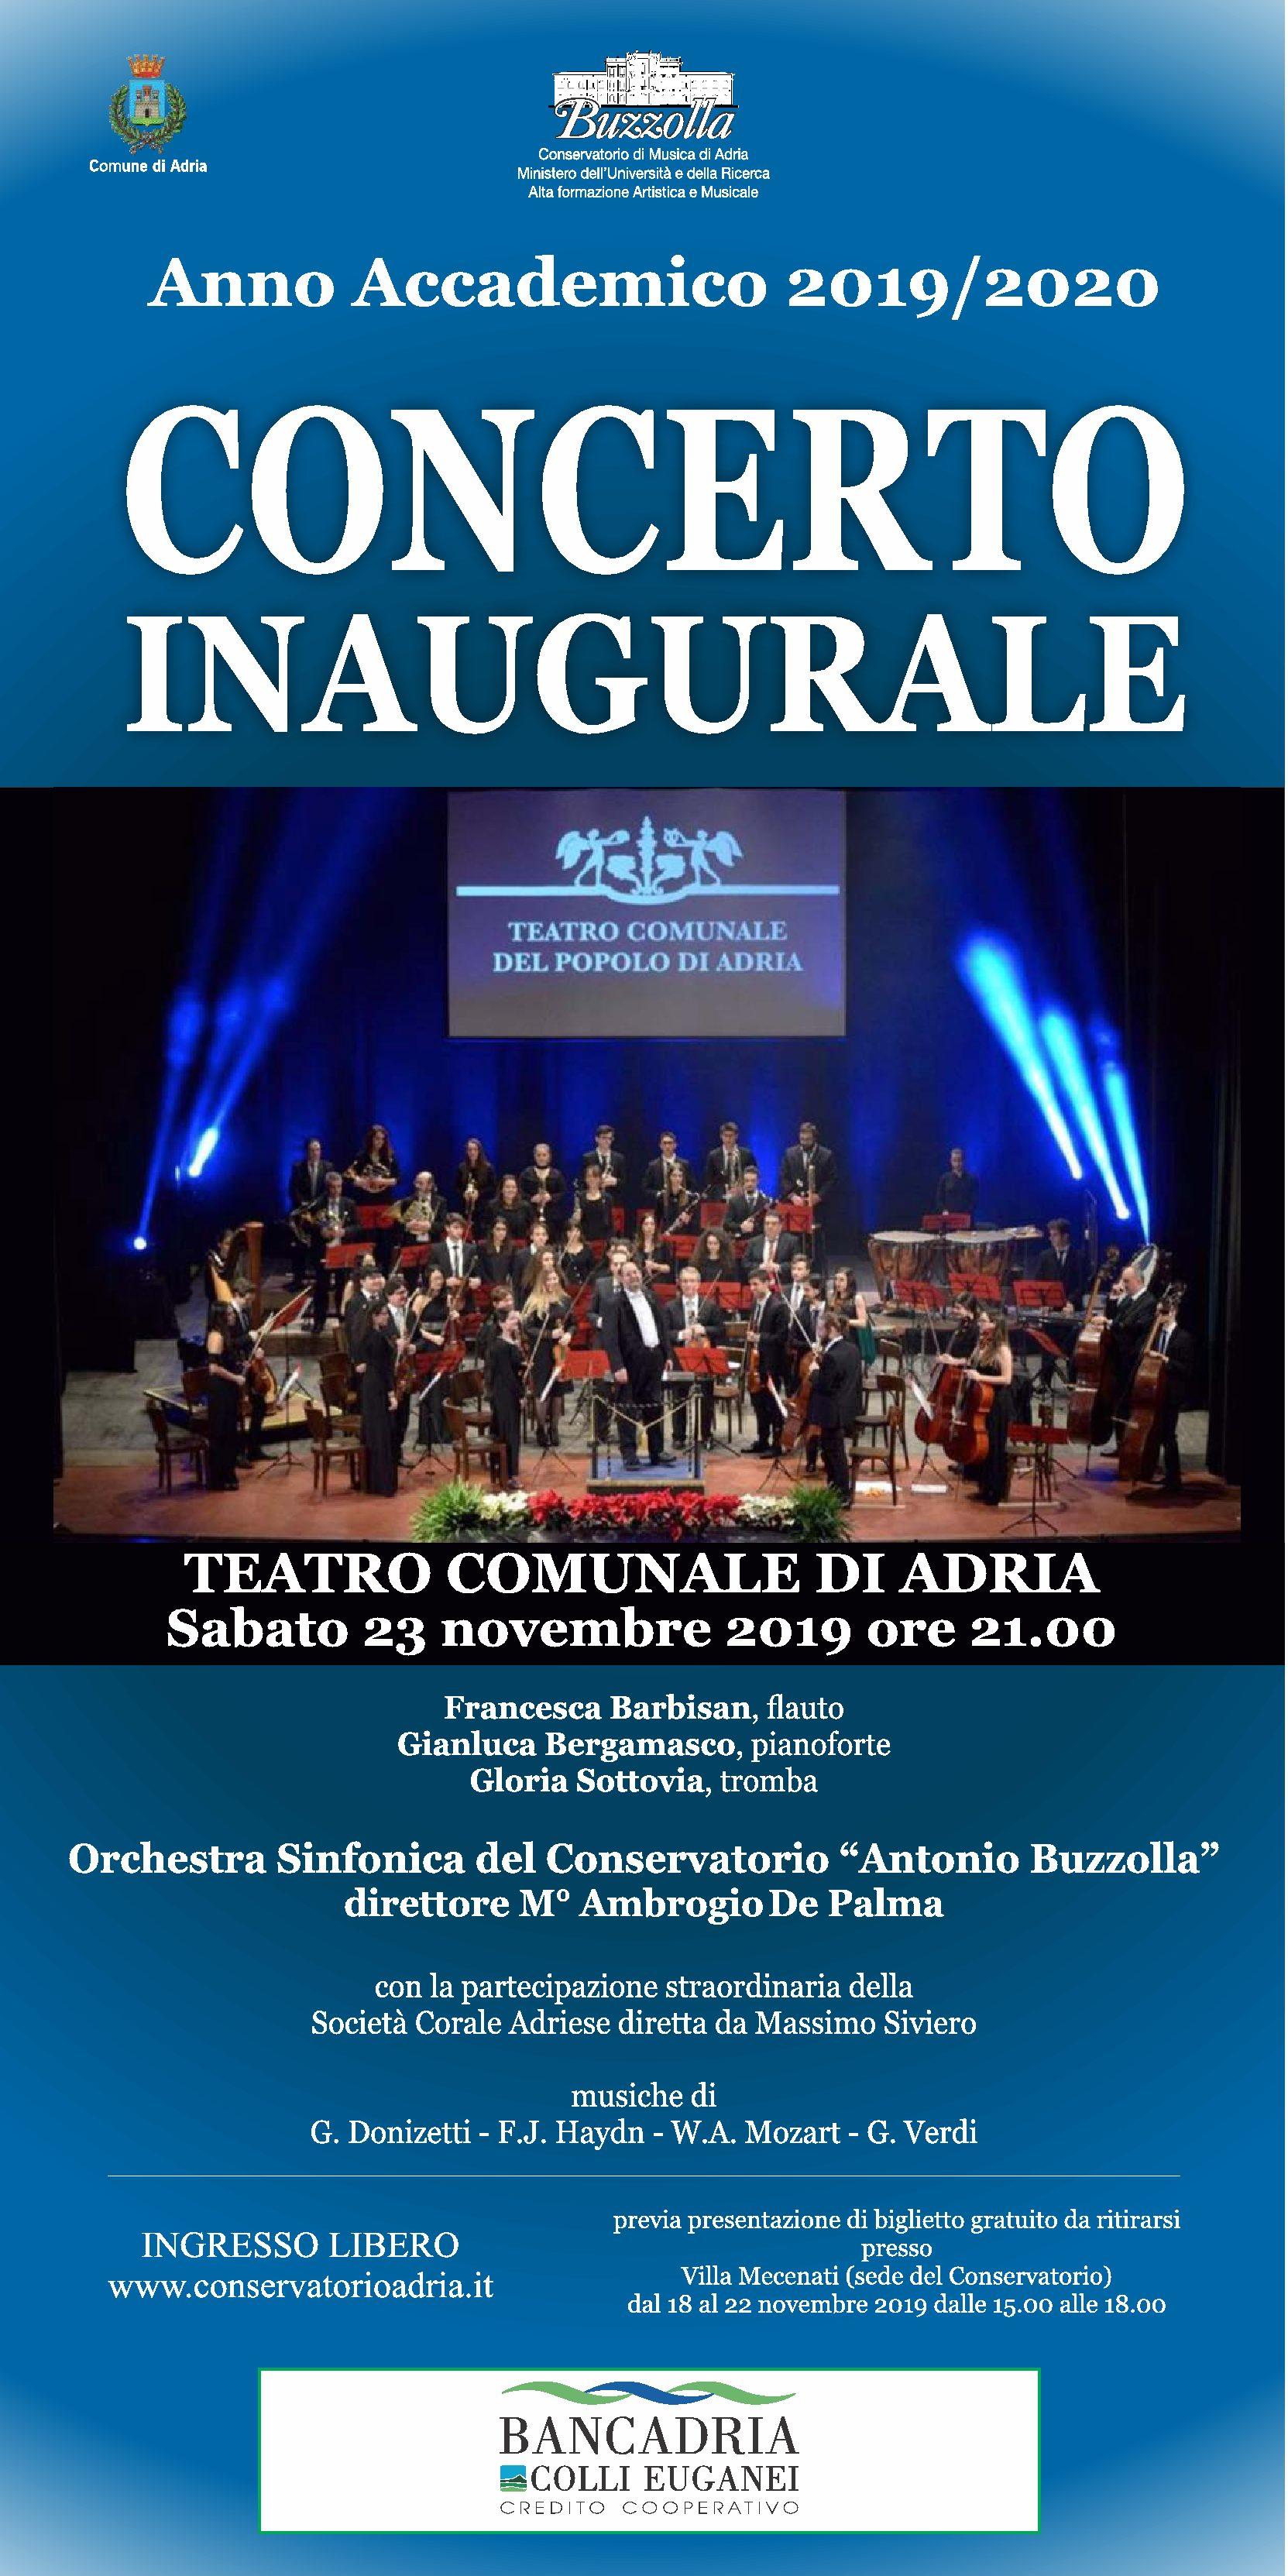 23 novembre 2019 ore 21.00 – Concerto Inaugurale A.A. 2019/20